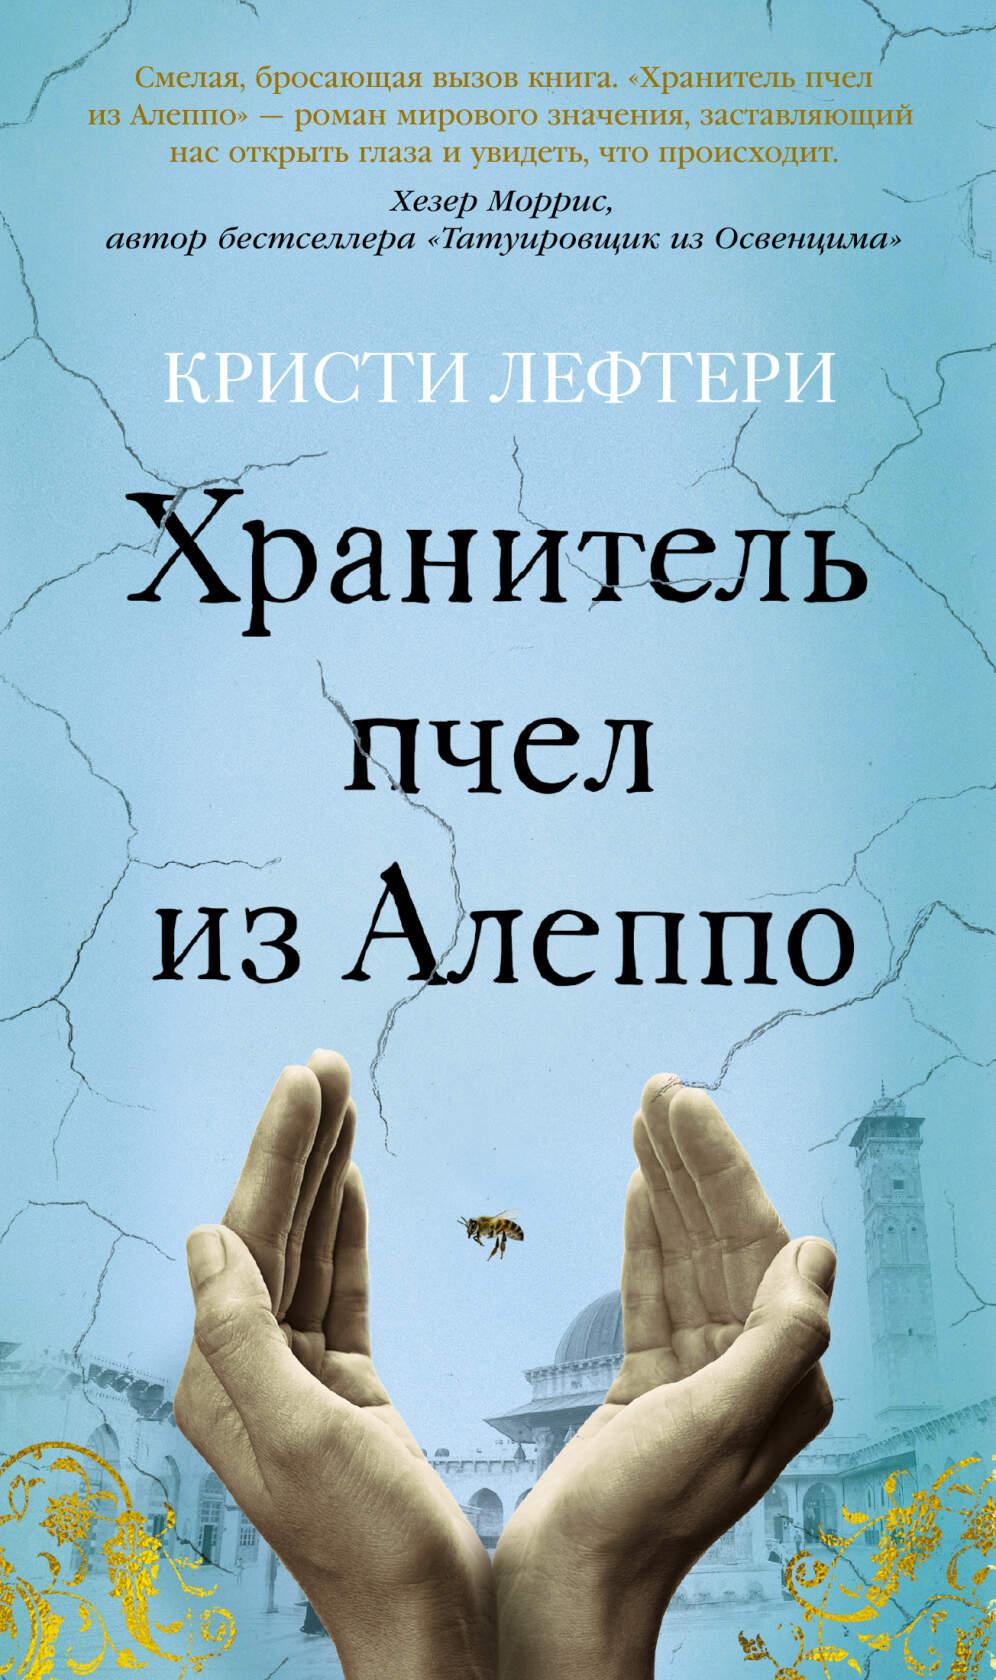 О книге 'Хранитель пчел из Алеппо' Кристи Лефтери